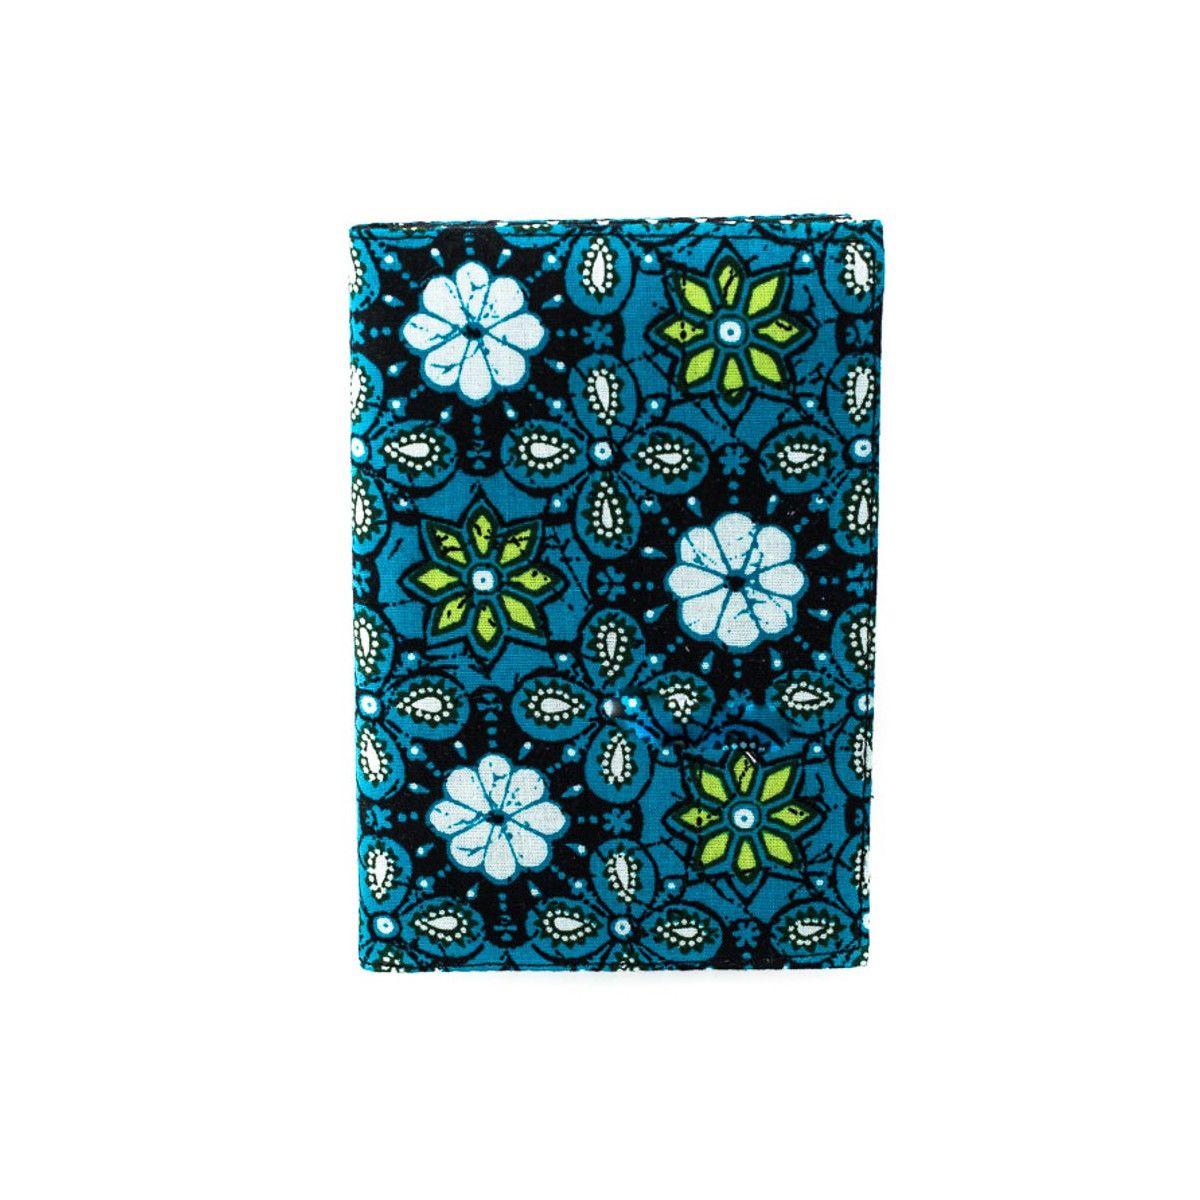 Porte-cartes rigide en coton bleu et noir à pois